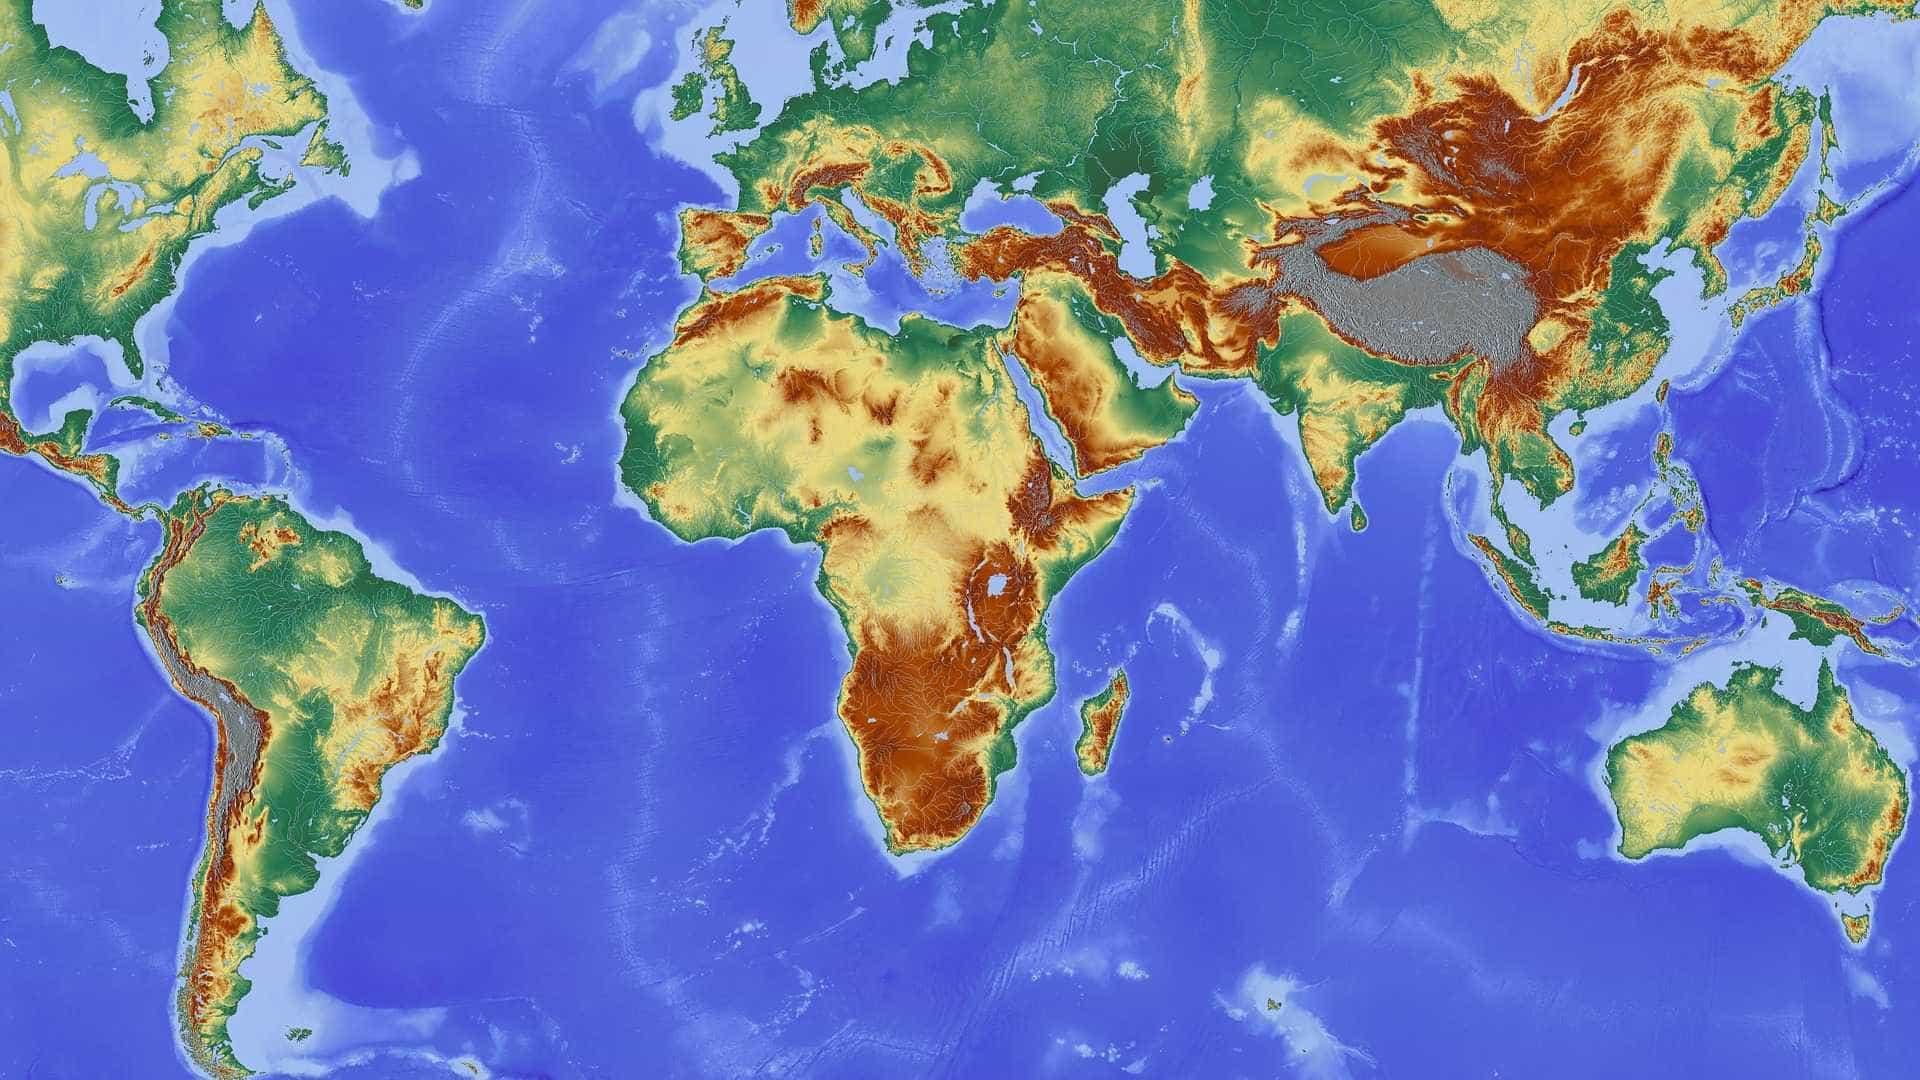 Descoberto um novo continente que estaria submerso